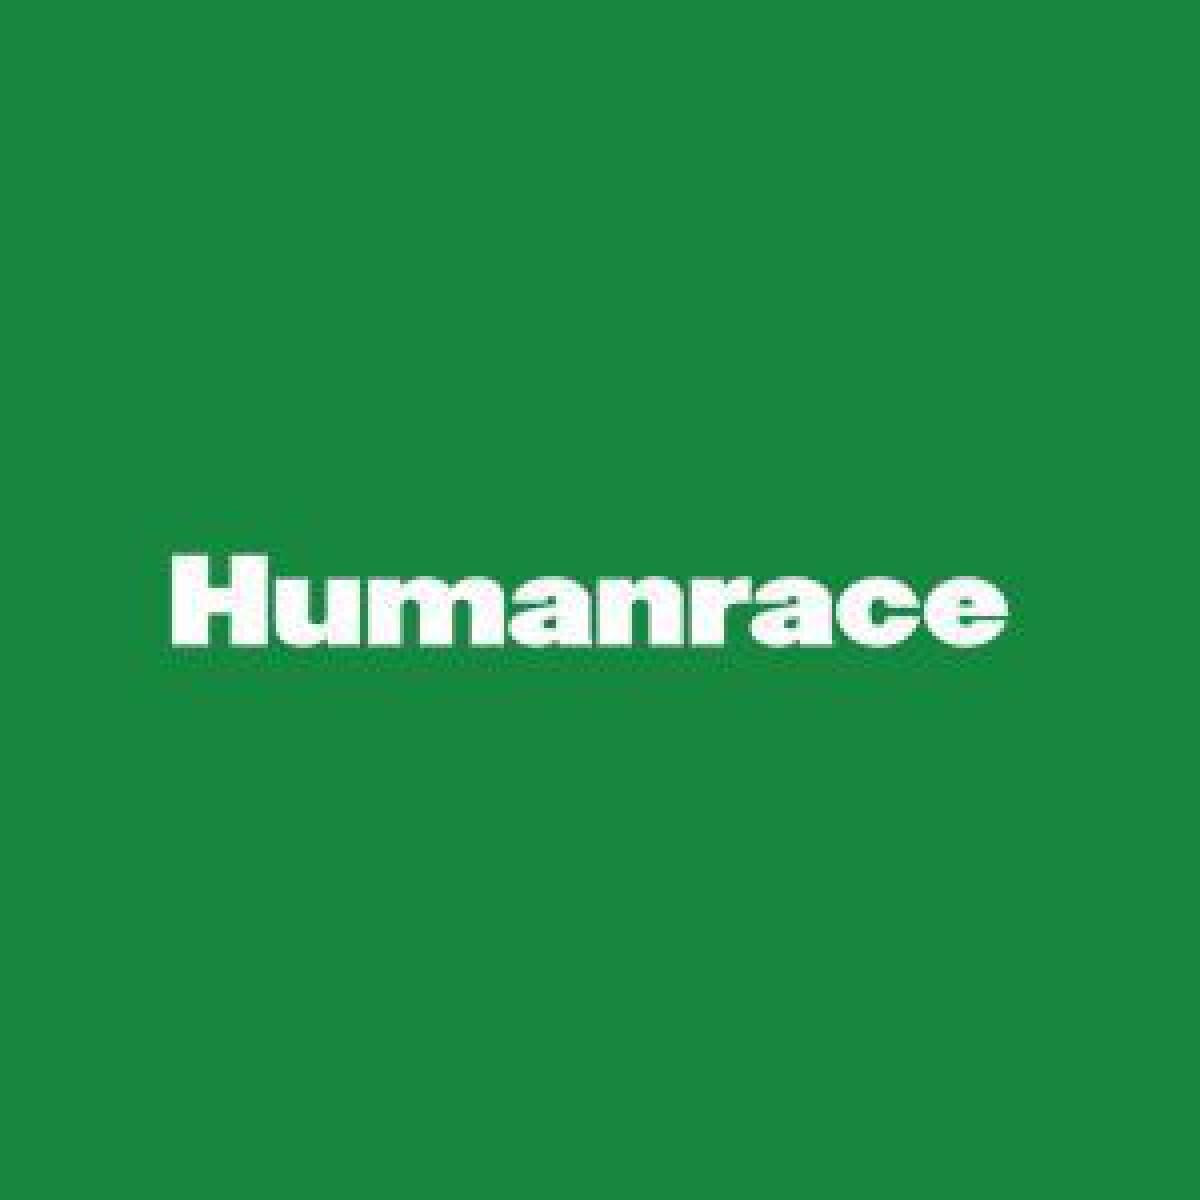 ファレル・ウィリアムスがジェンダーレスなスキンケアブランド「ヒューマンレース」を立ち上げ、ヴィーガンに対応